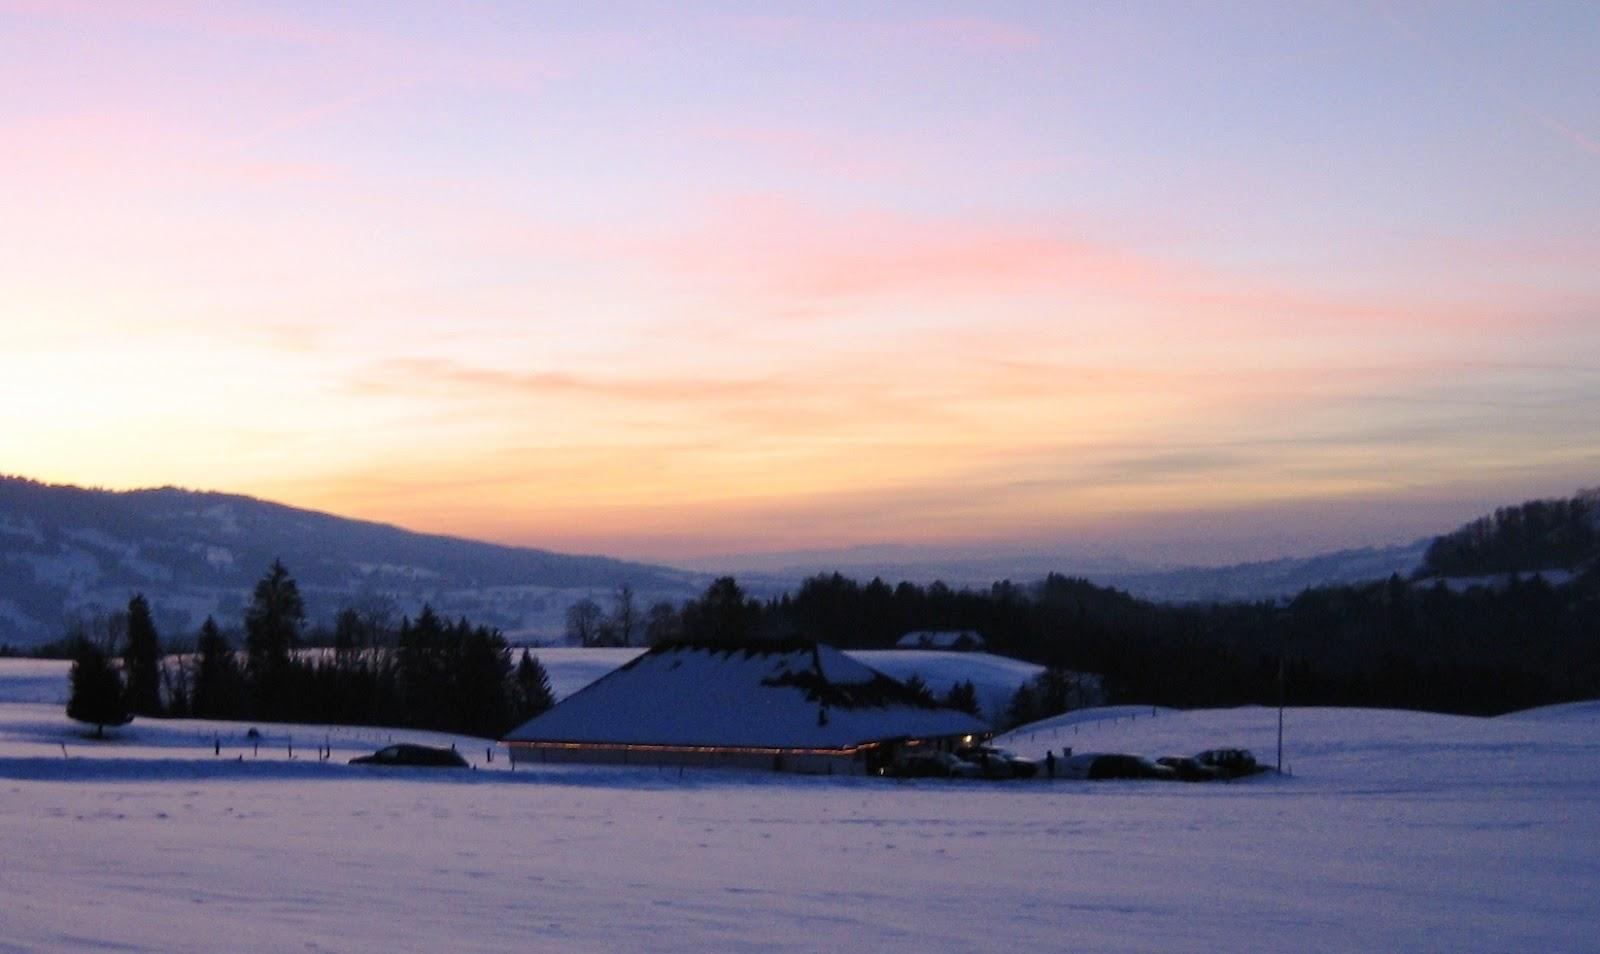 Les petites histoires de fribourg region kurze geschichten - A quelle heure le soleil se couche t il ...